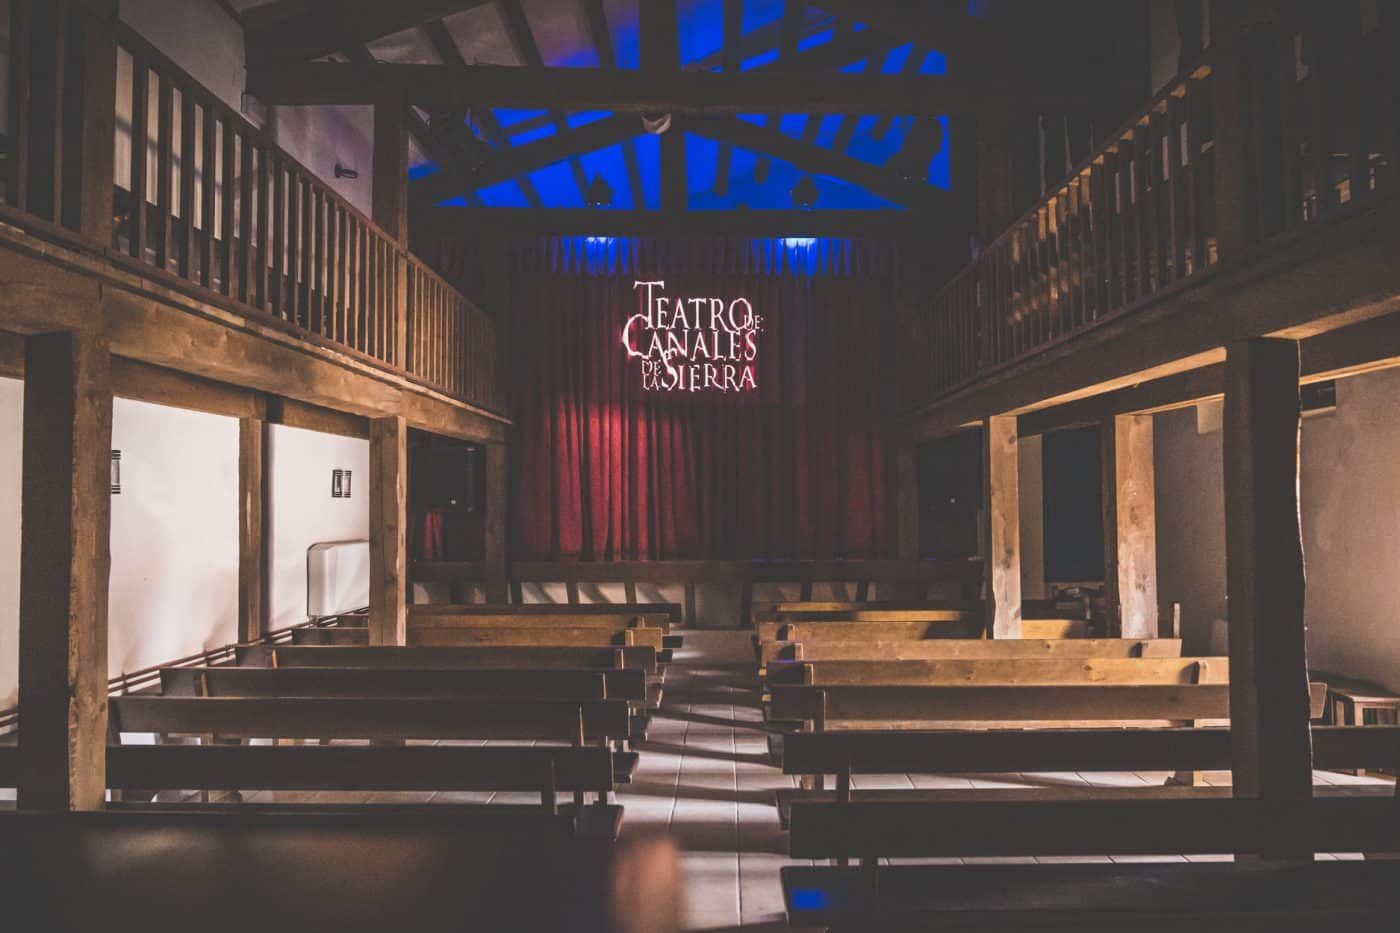 Teatro Canales de la Sierra